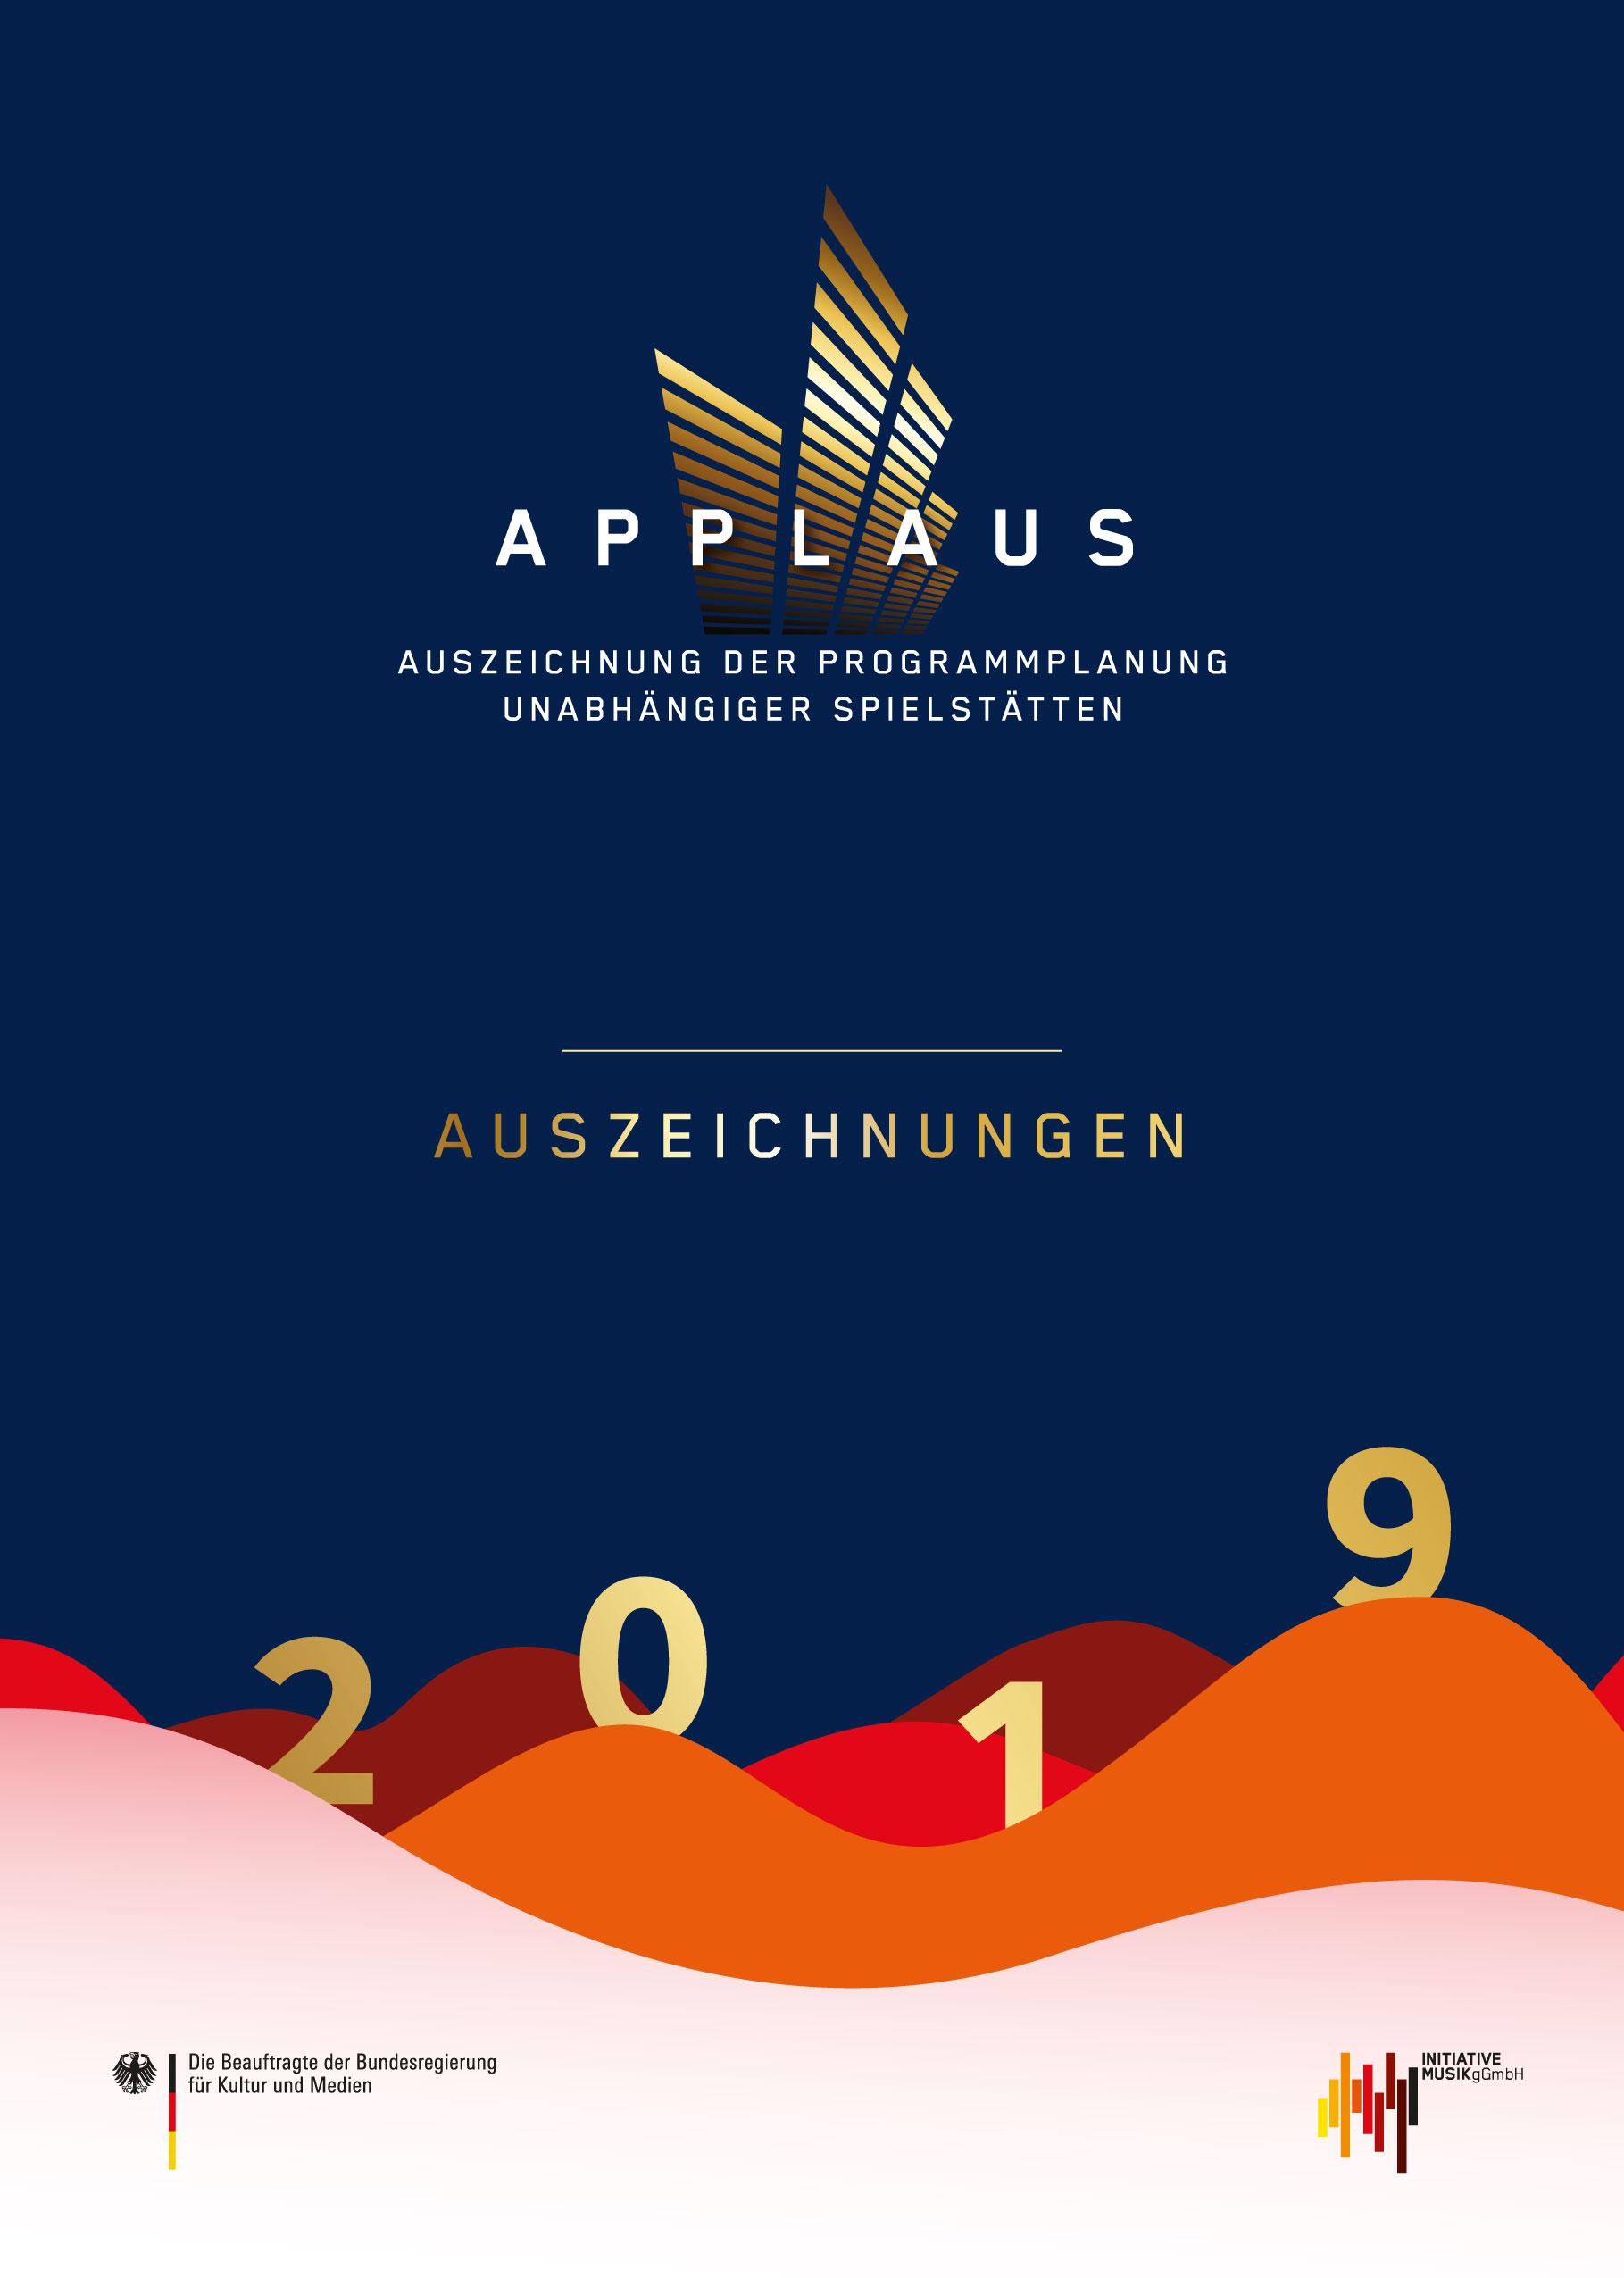 APPLAUS Auszeichnungen 2019